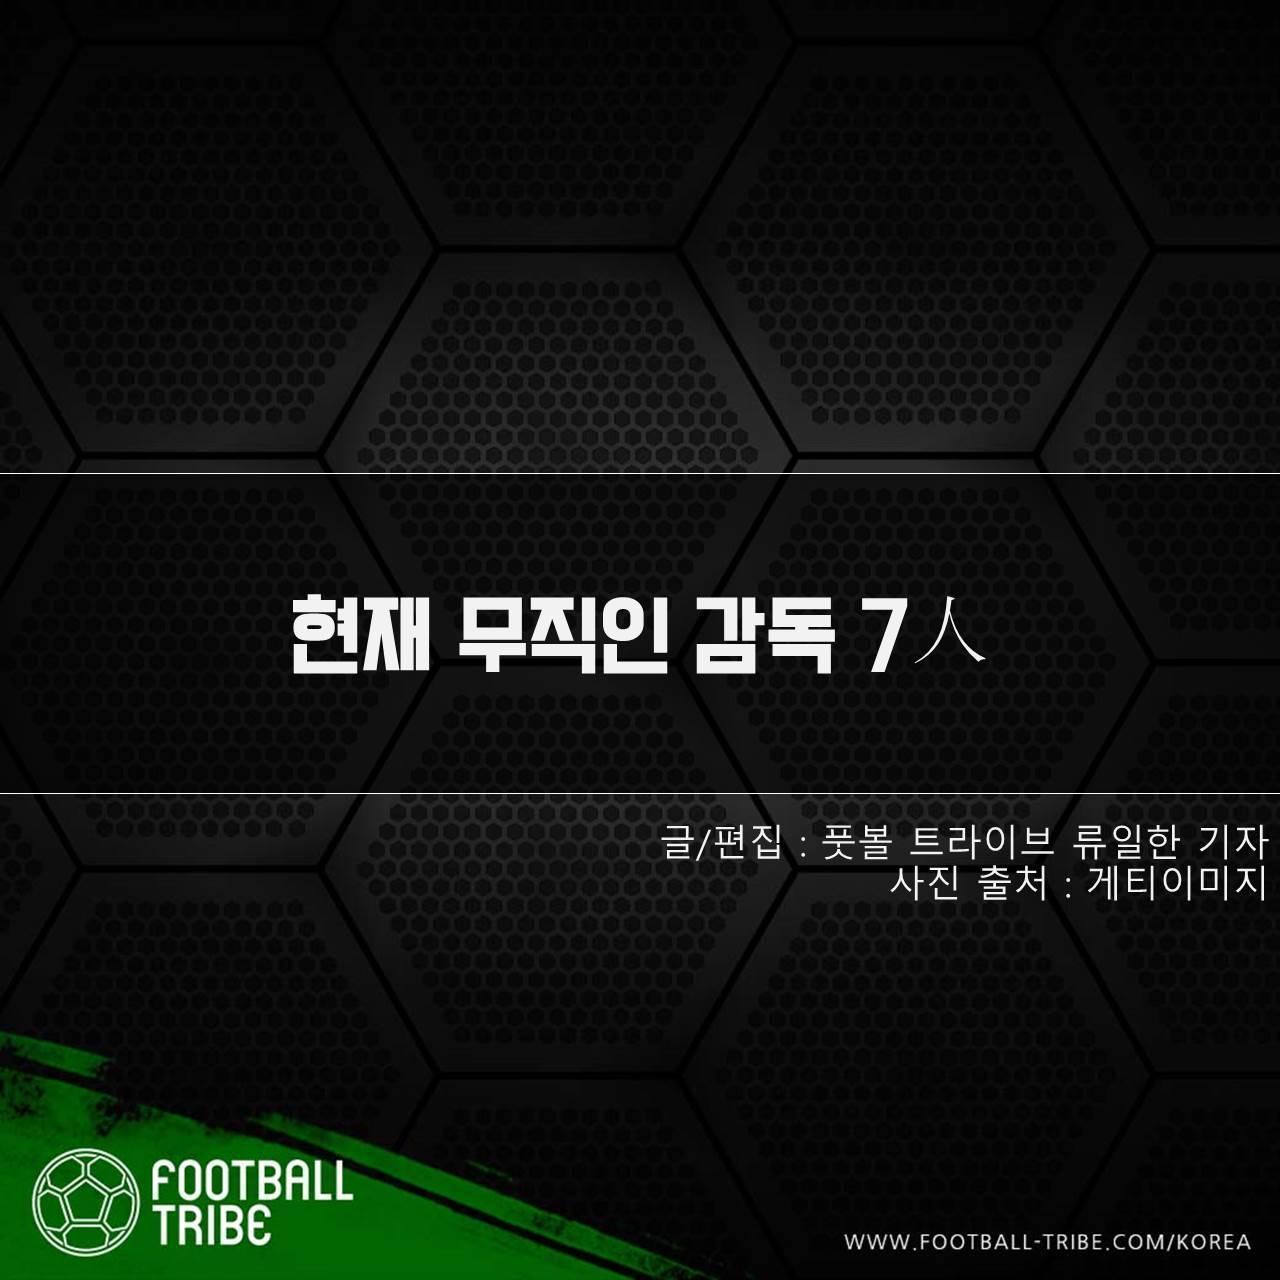 [카드 뉴스] 현재 무직인 감독 7人